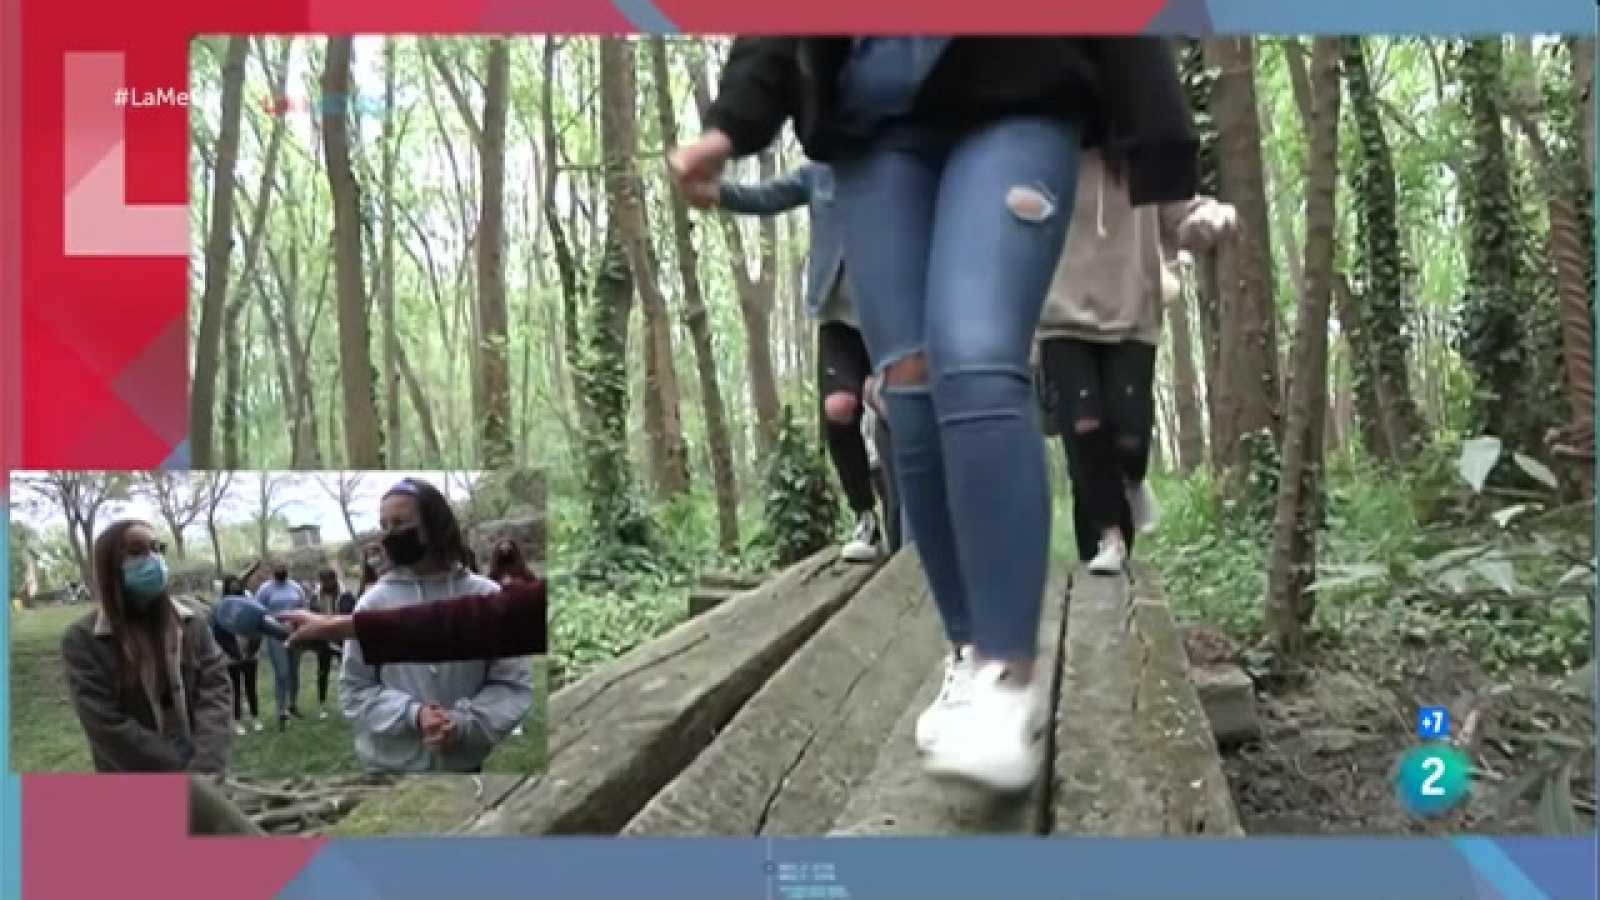 Entrevista a joves de GreenPala, guanyadores del Premi Joves pel demà, amb una proposta d'arranjament de la zona del molí de Palafolls